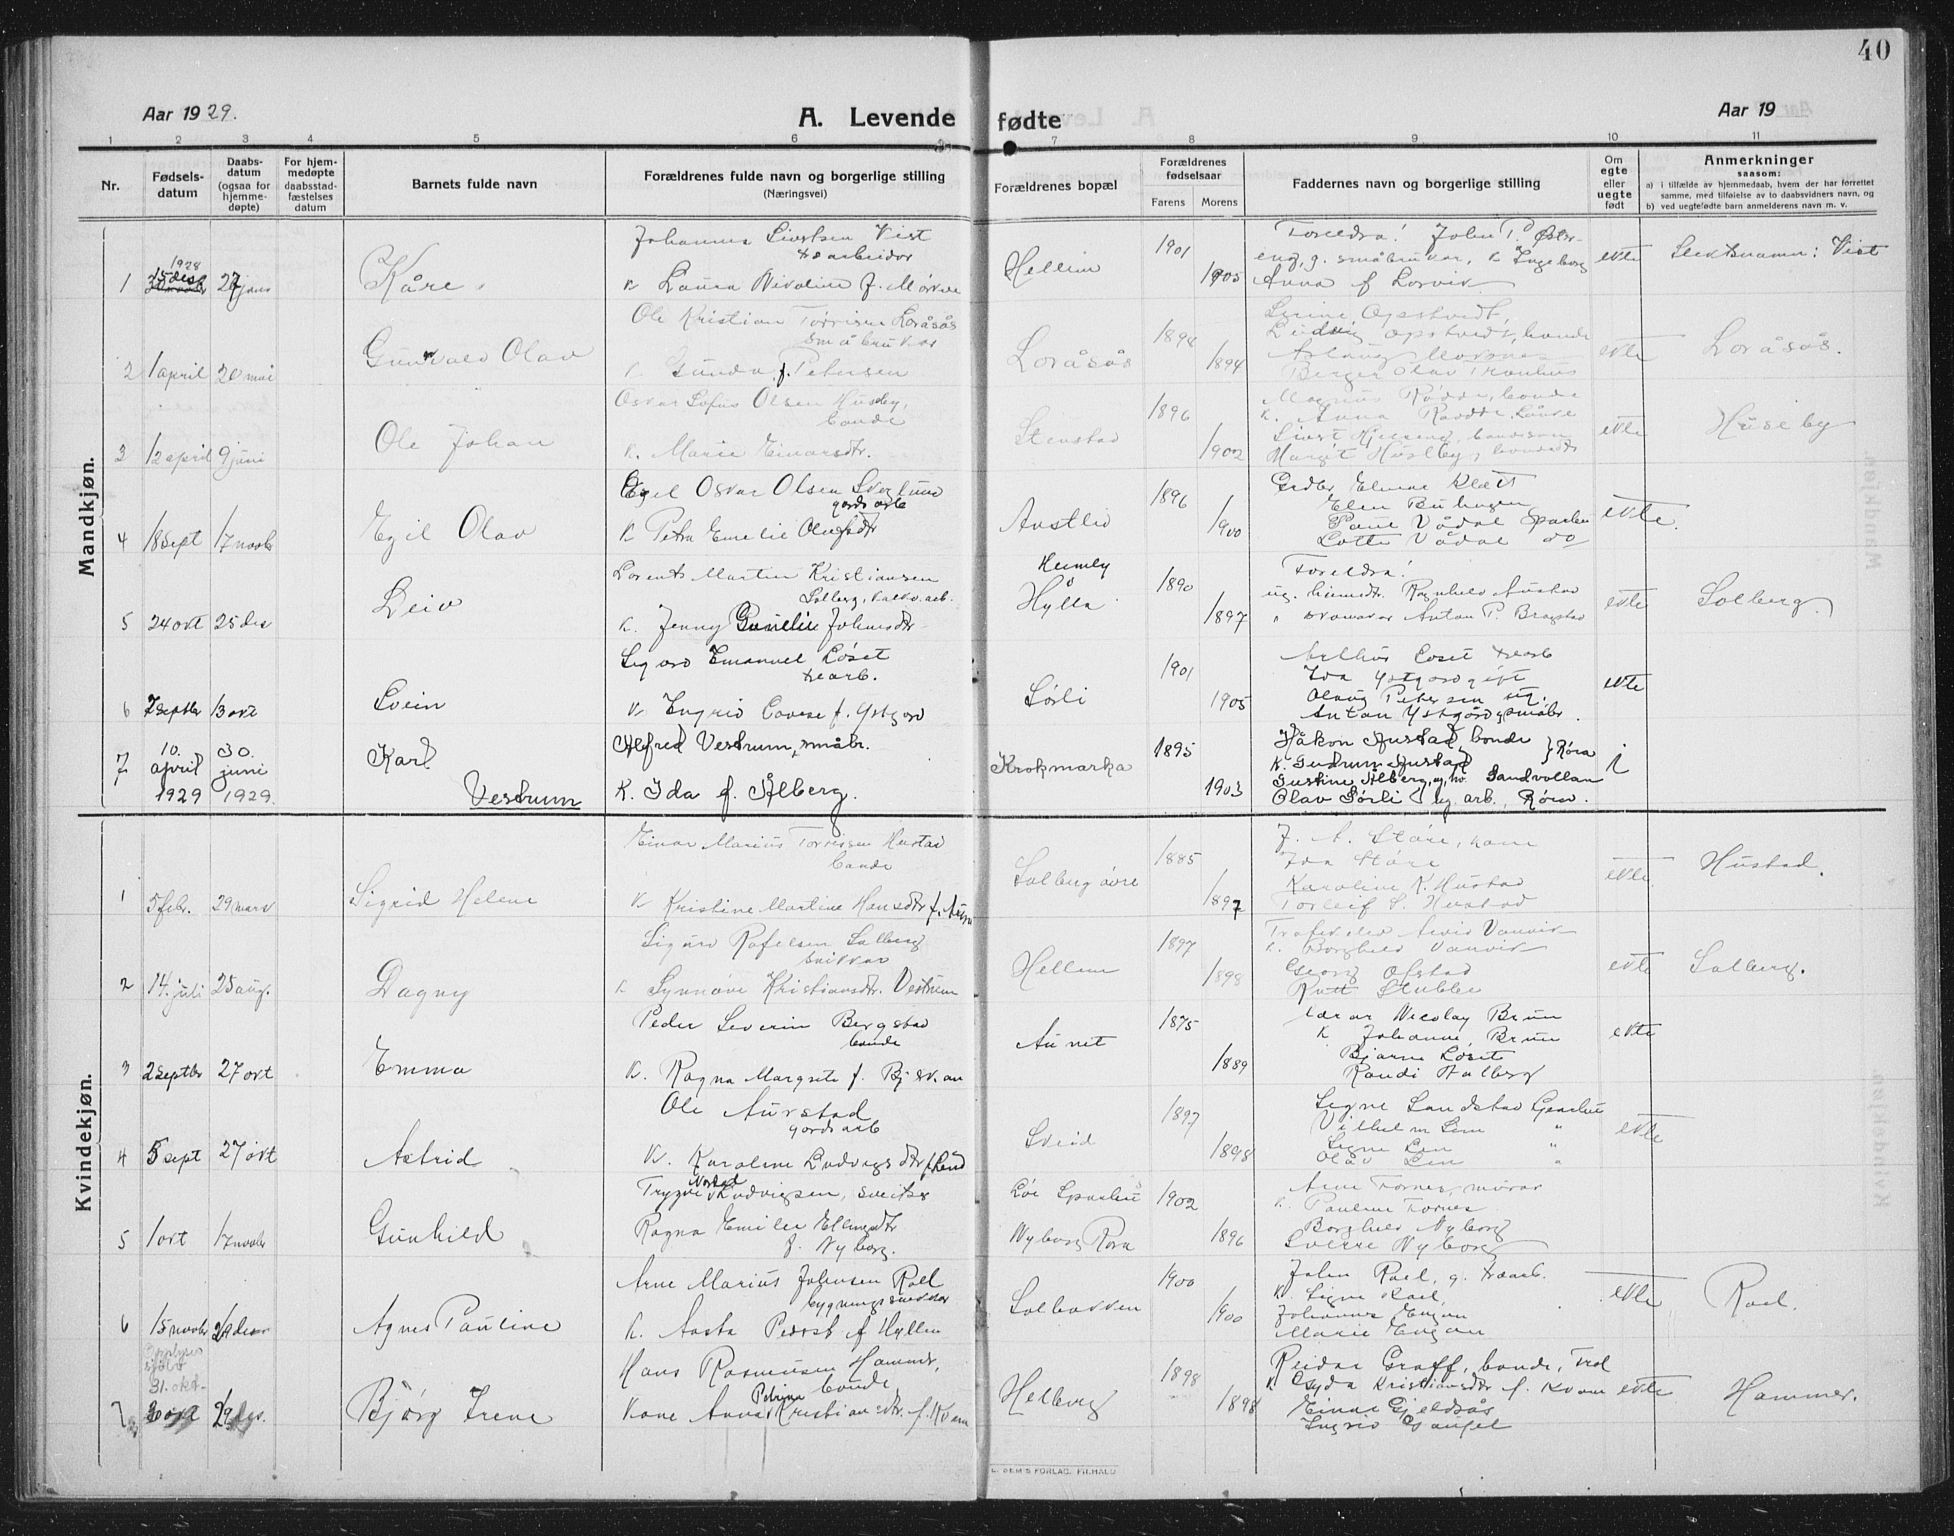 SAT, Ministerialprotokoller, klokkerbøker og fødselsregistre - Nord-Trøndelag, 731/L0312: Klokkerbok nr. 731C03, 1911-1935, s. 40